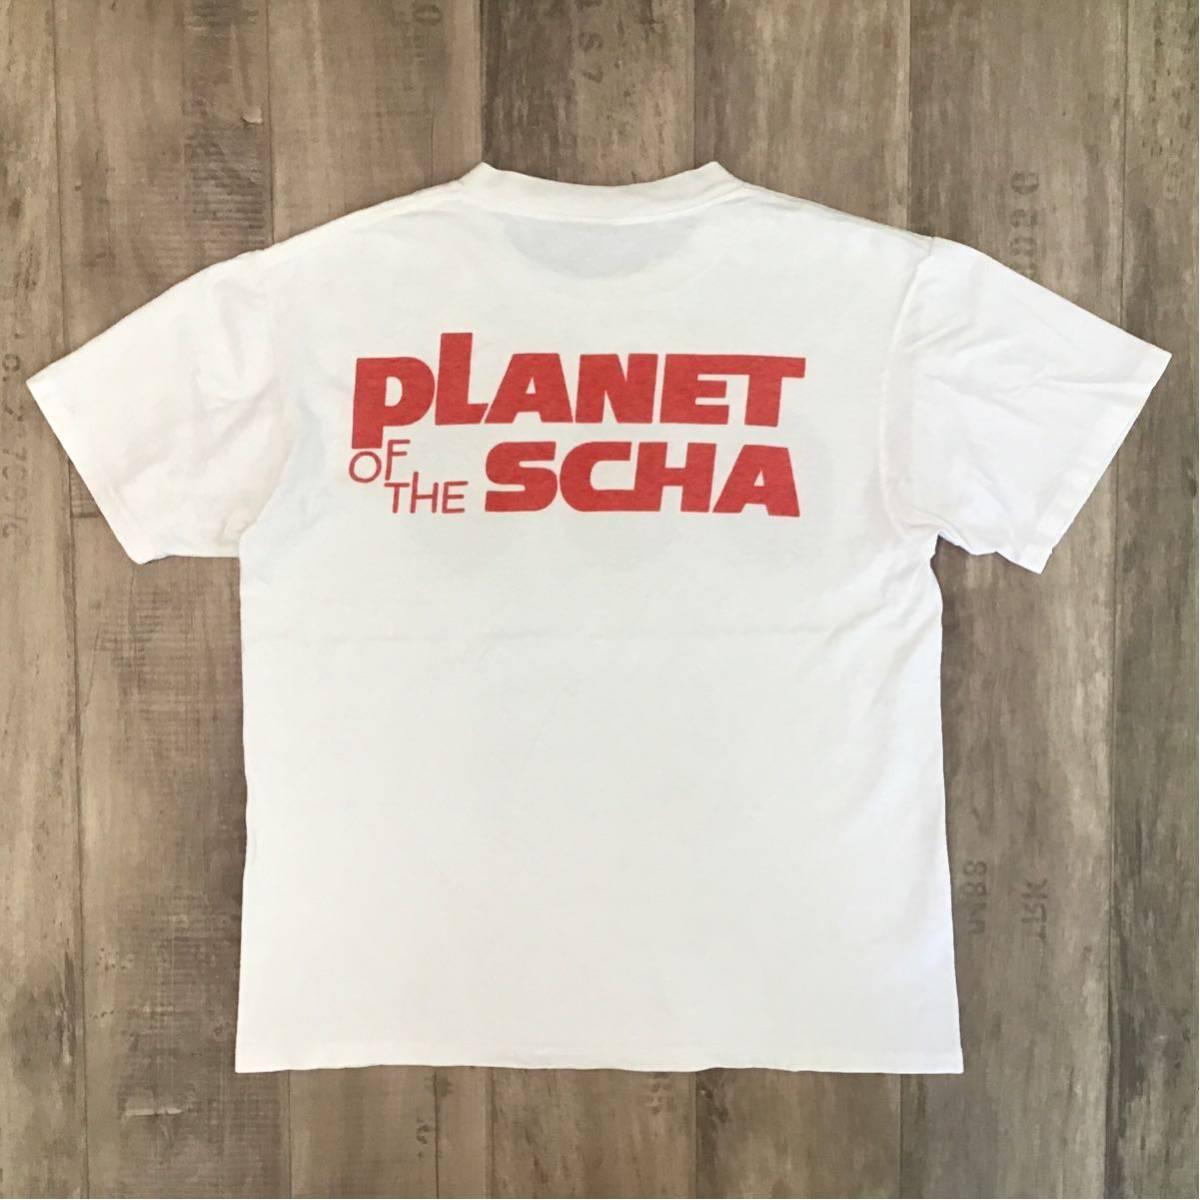 ★激レア★ スチャダラパー Planet of the scha Tシャツ Mサイズ a bathing ape bape エイプ ベイプ アベイシングエイプ nigo 90s 裏原宿